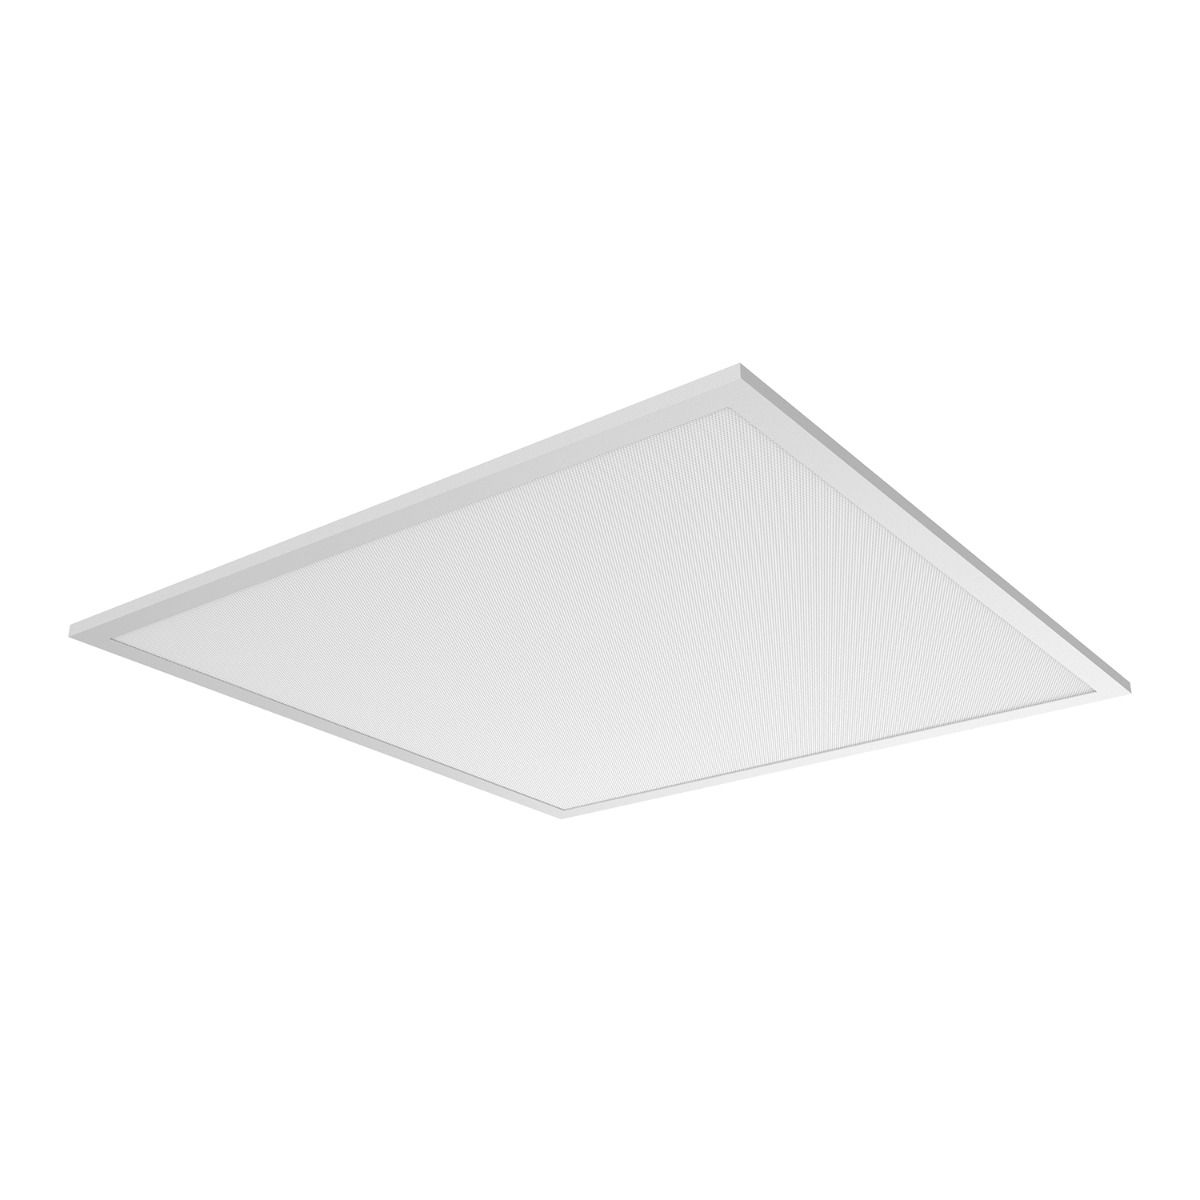 Noxion LED panel Delta Pro V3 DALI 30W 4000K 4070lm 60x60cm UGR <22 | kold hvid - erstatter 4x18W